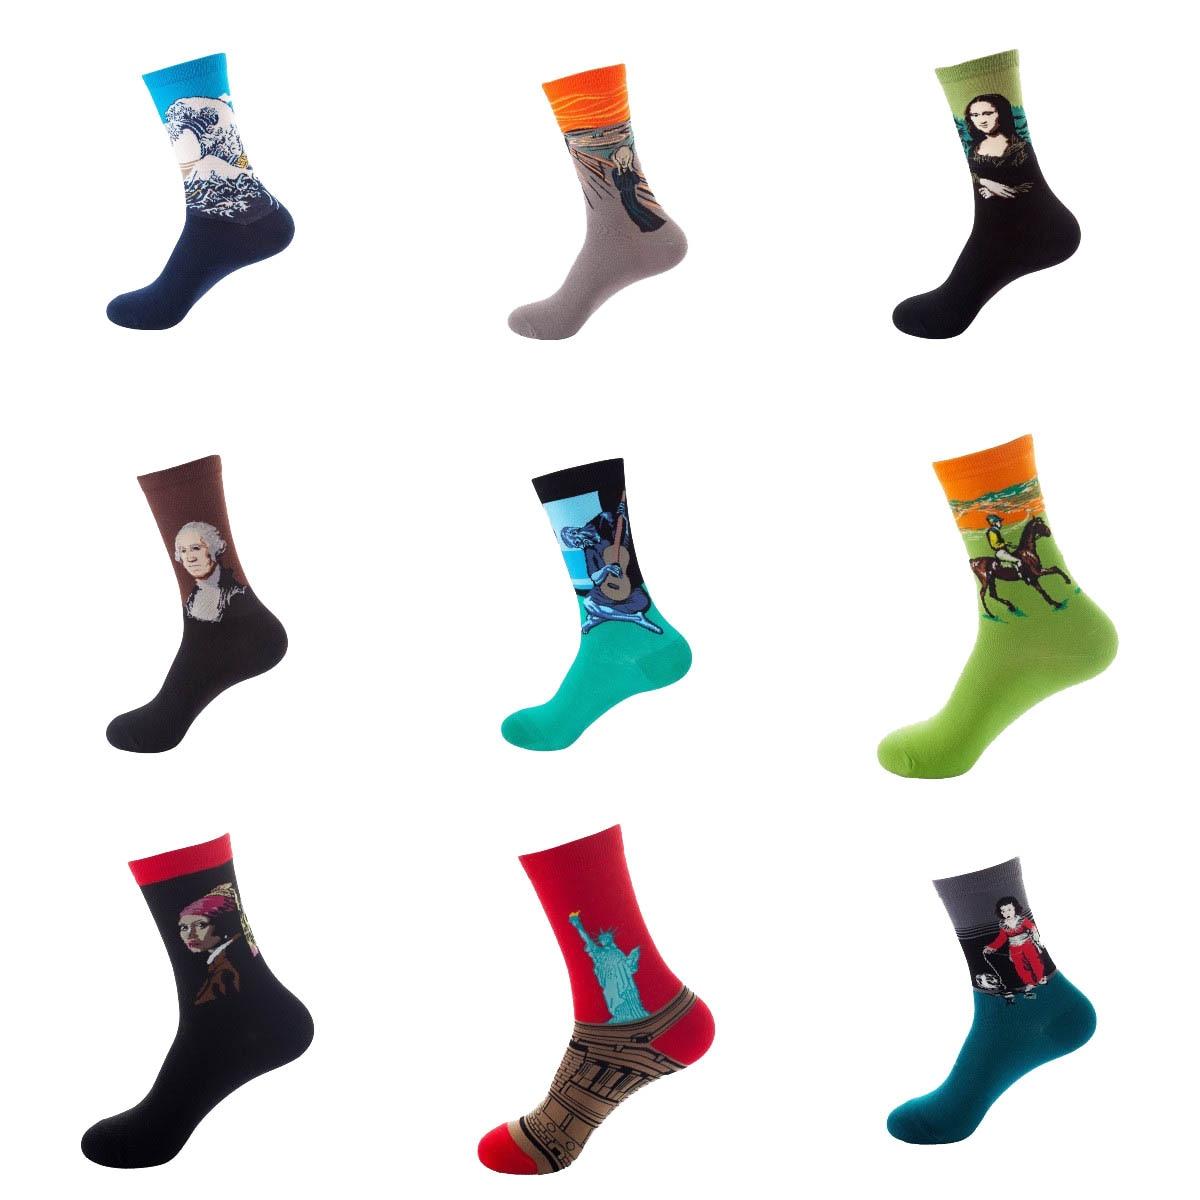 Новые вязаные носки Ван Гога, мужские хлопковые носки с подсолнухами, смешное милое искусство, счастливые красочные новые модные носки для ...